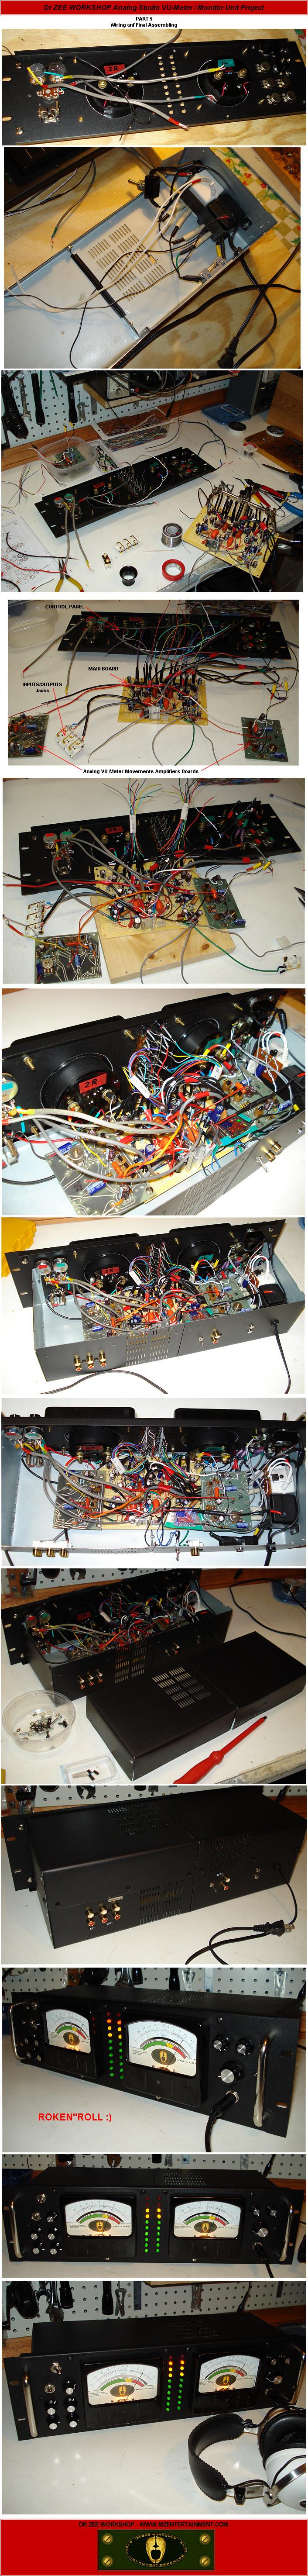 mze electroarts entertainment mzentertainment com dr zeedr zee workshop studio vu meter monitor schematic diagram · dr zee workshop studio vu meter monitor main board layout